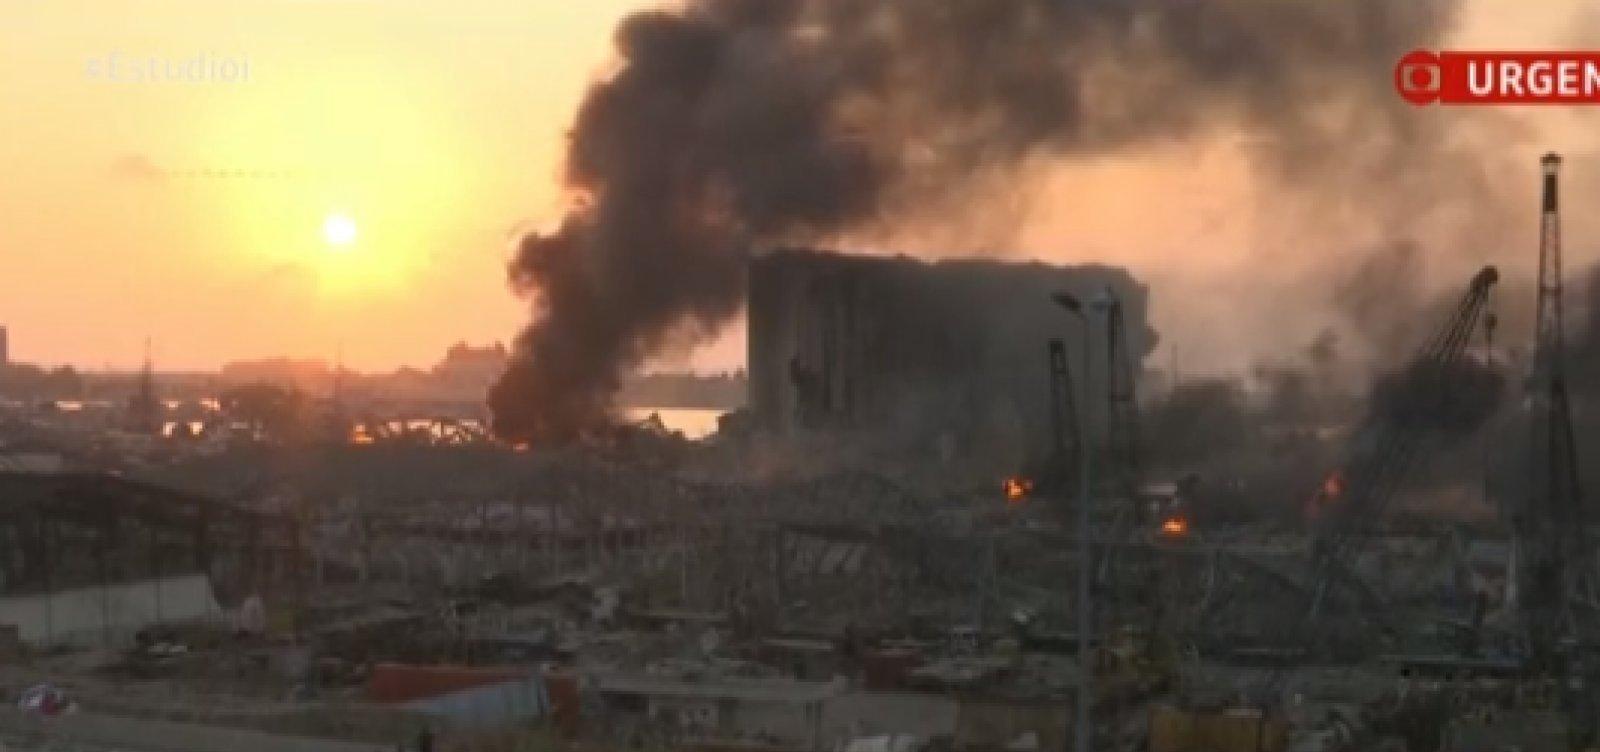 [Mortes por explosão em Beirute sobem para 154]